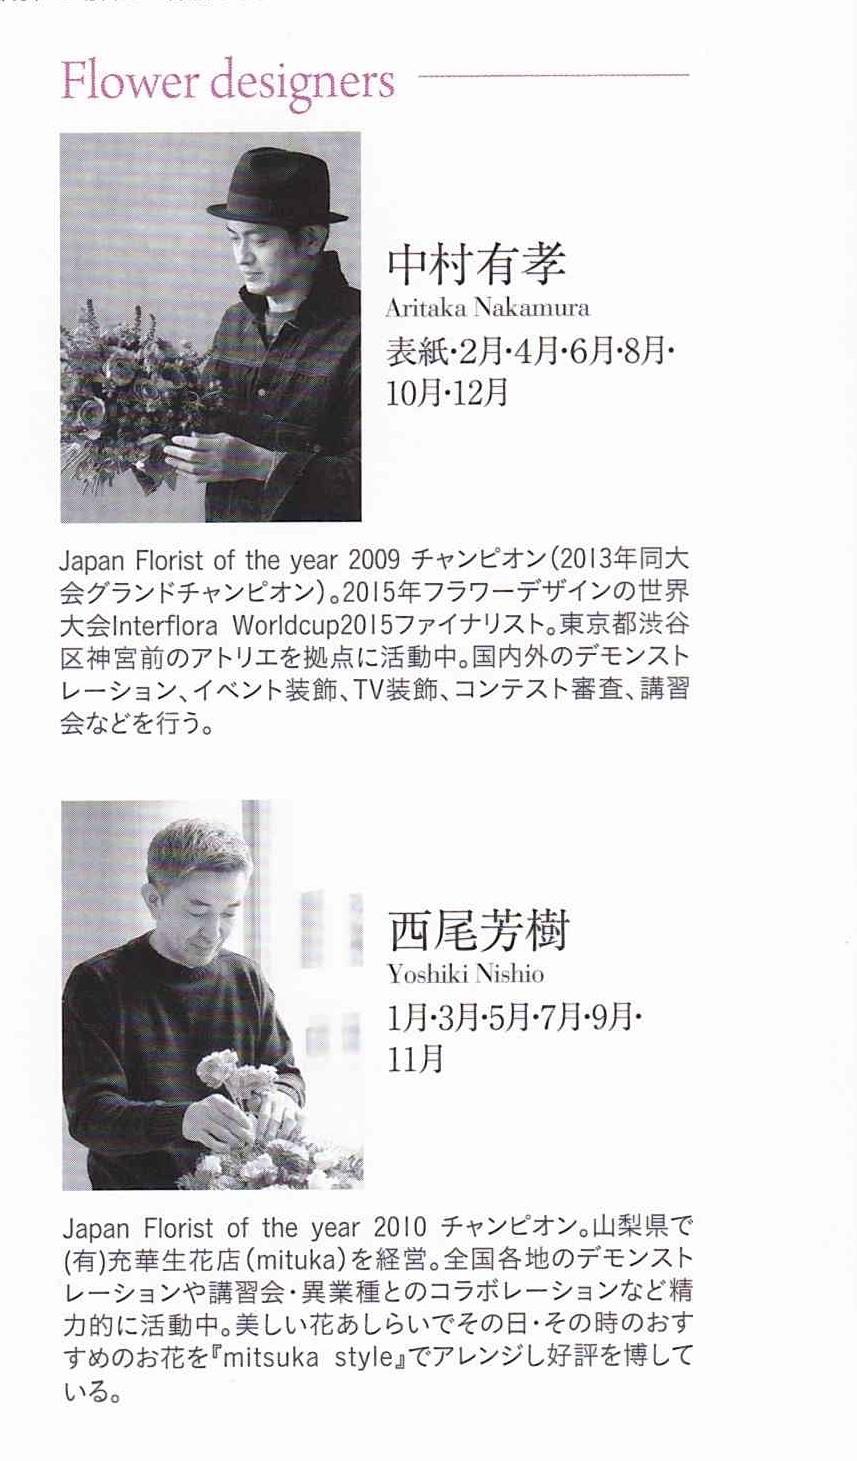 『セゾン•ド•エリコ vol.14 中村江里子のデイリースタイル』(扶桑社)_b0221139_18105415.jpeg